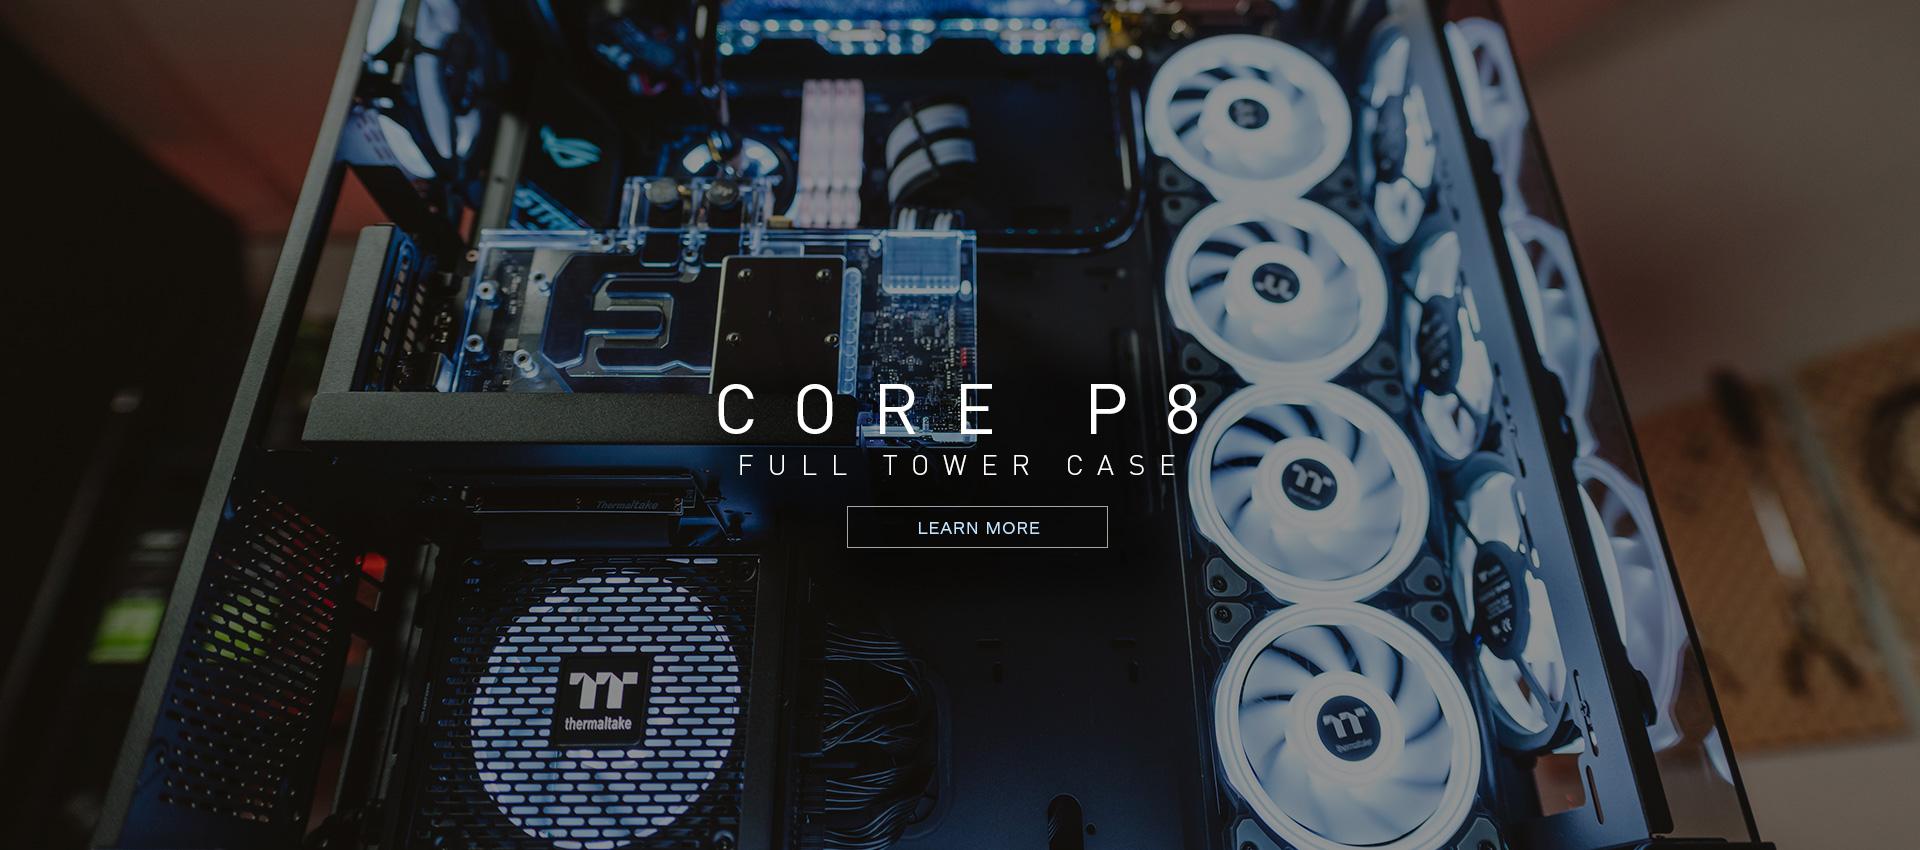 Core P8